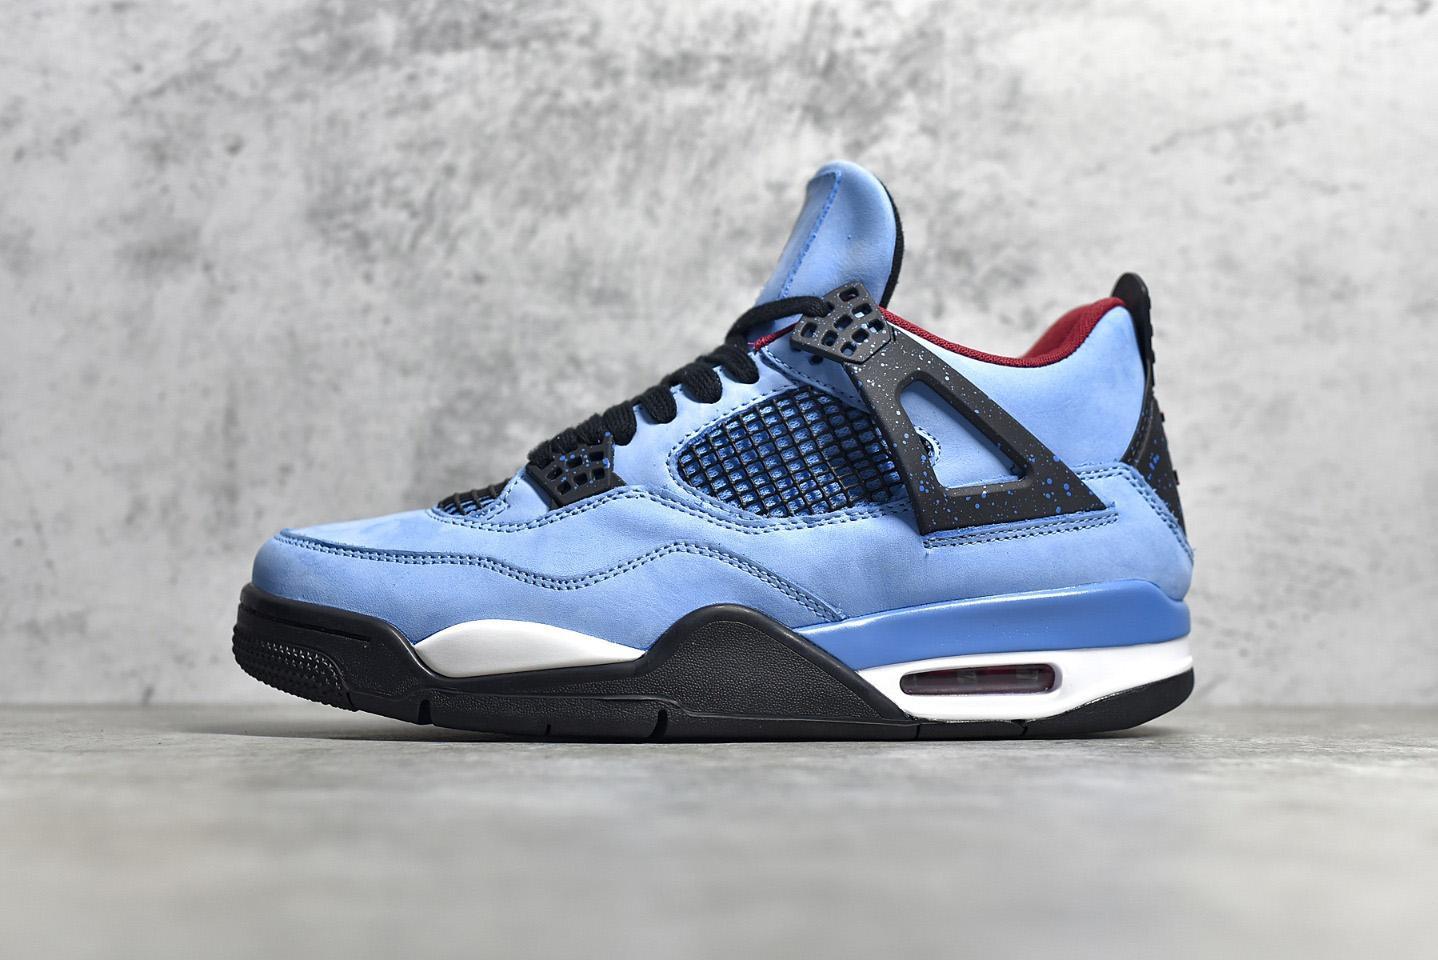 Air Retro Jordan Jordans shoes Jumpman Basketbol Ayakkabı Mor Lazer Metalik Beyaz Bred 4 S Kedi Yelken Union Kadın Erkek Siyah Rasta Eğitmenler Spor Sneakers